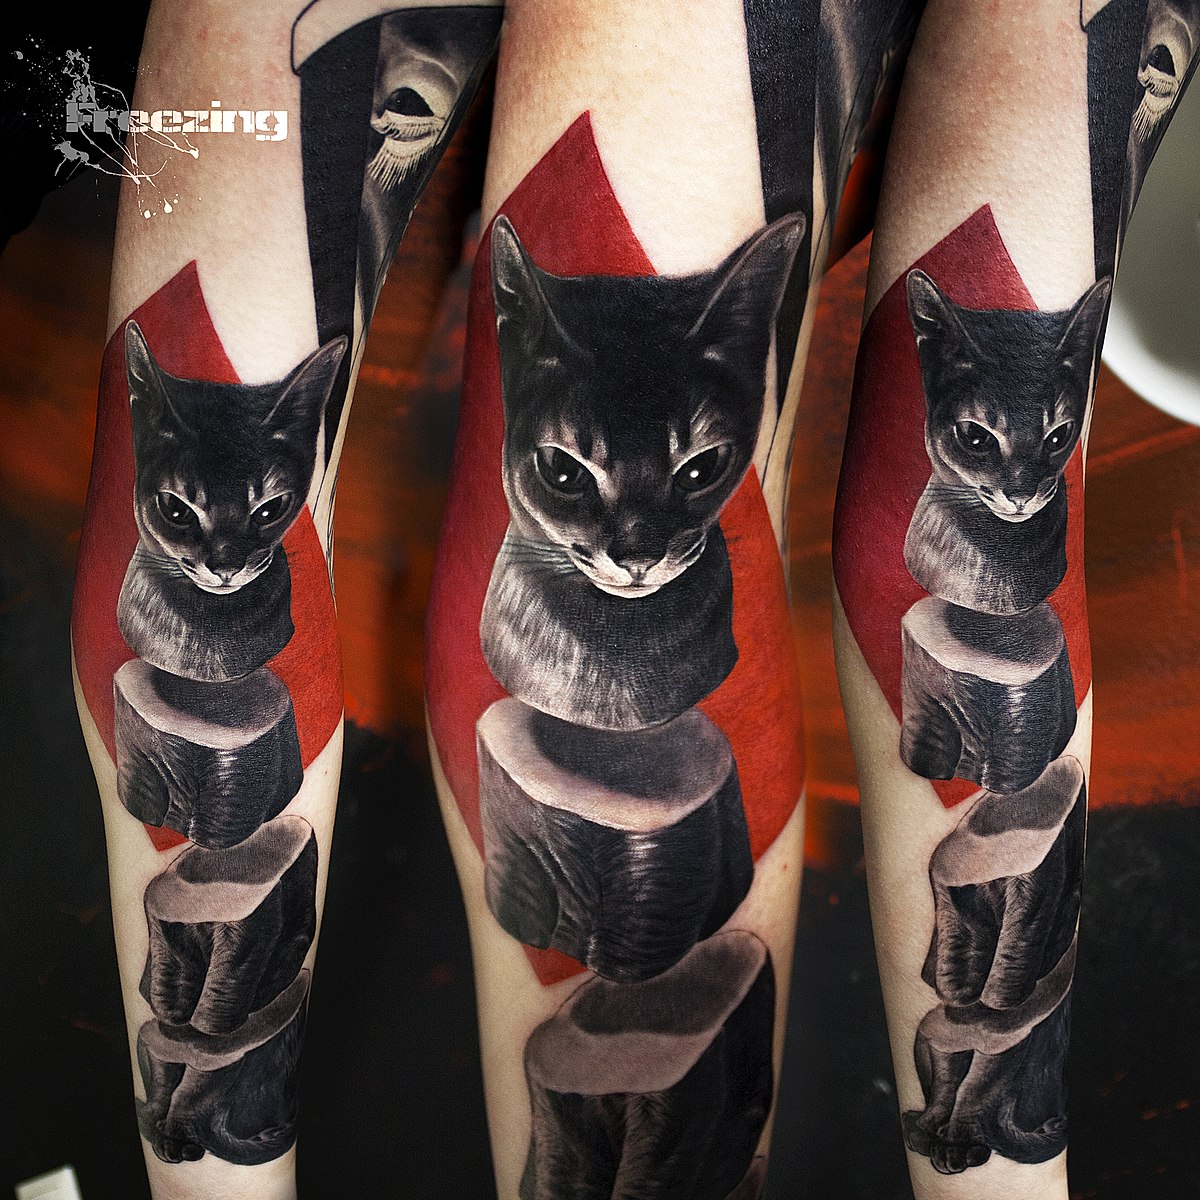 1200px Cat by freezingtattoo - Trash Polka Tattoo Artists